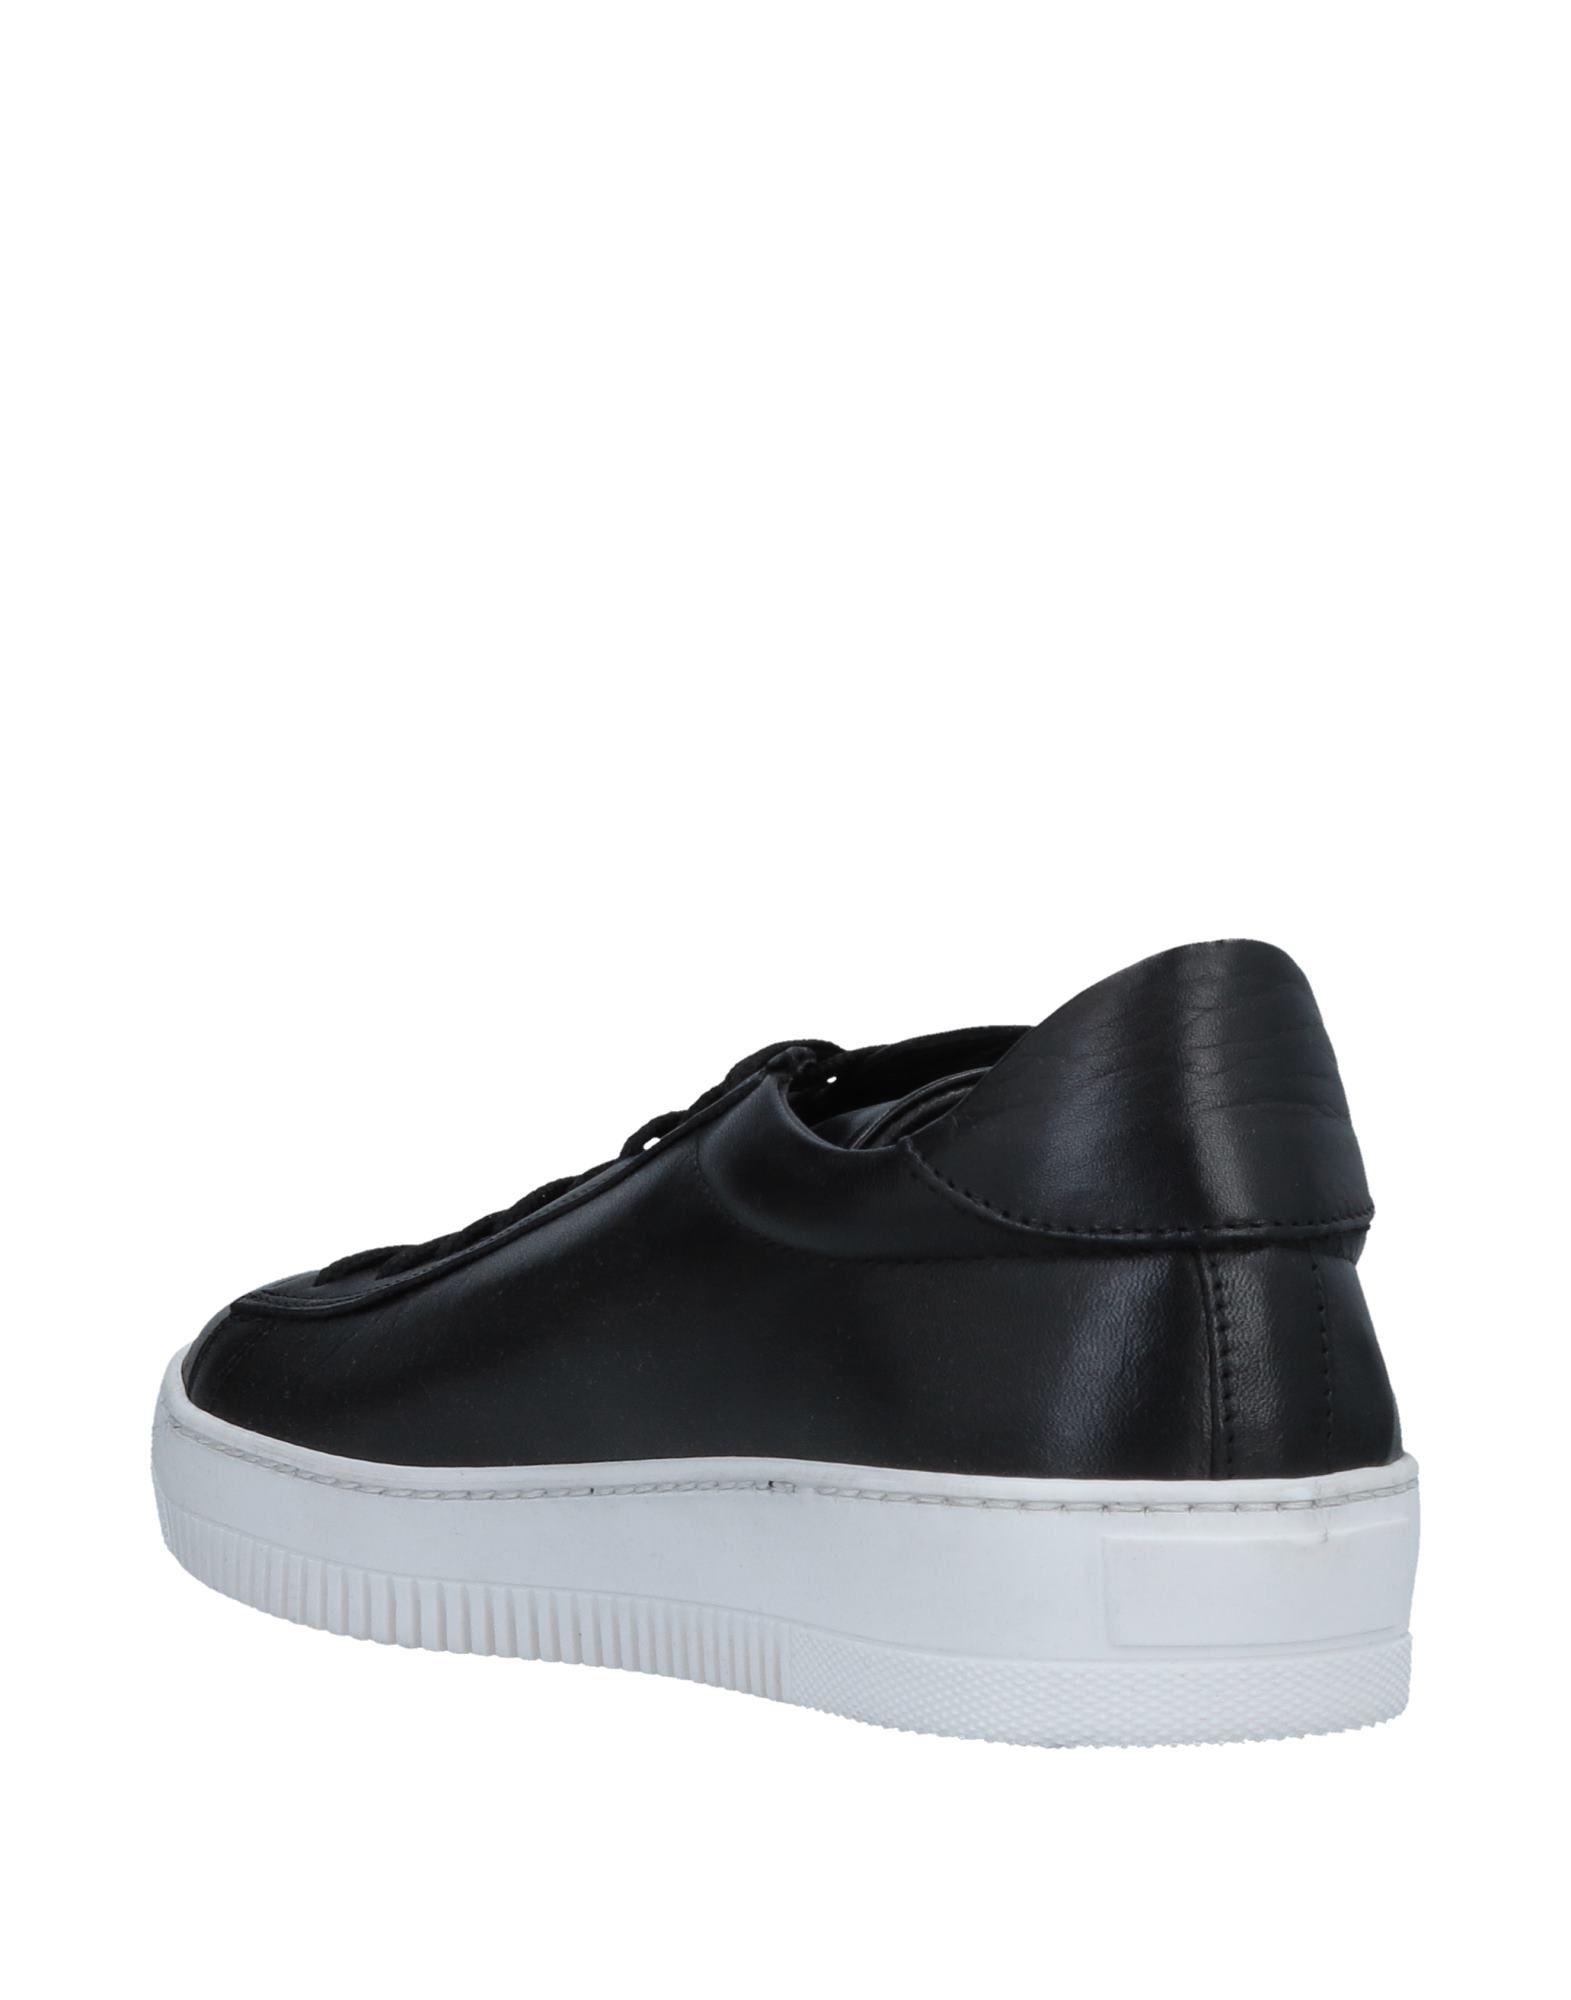 Scarpe Sneakers economiche e resistenti Sneakers Scarpe Bagatt Uomo - 11505866RK 8a279f